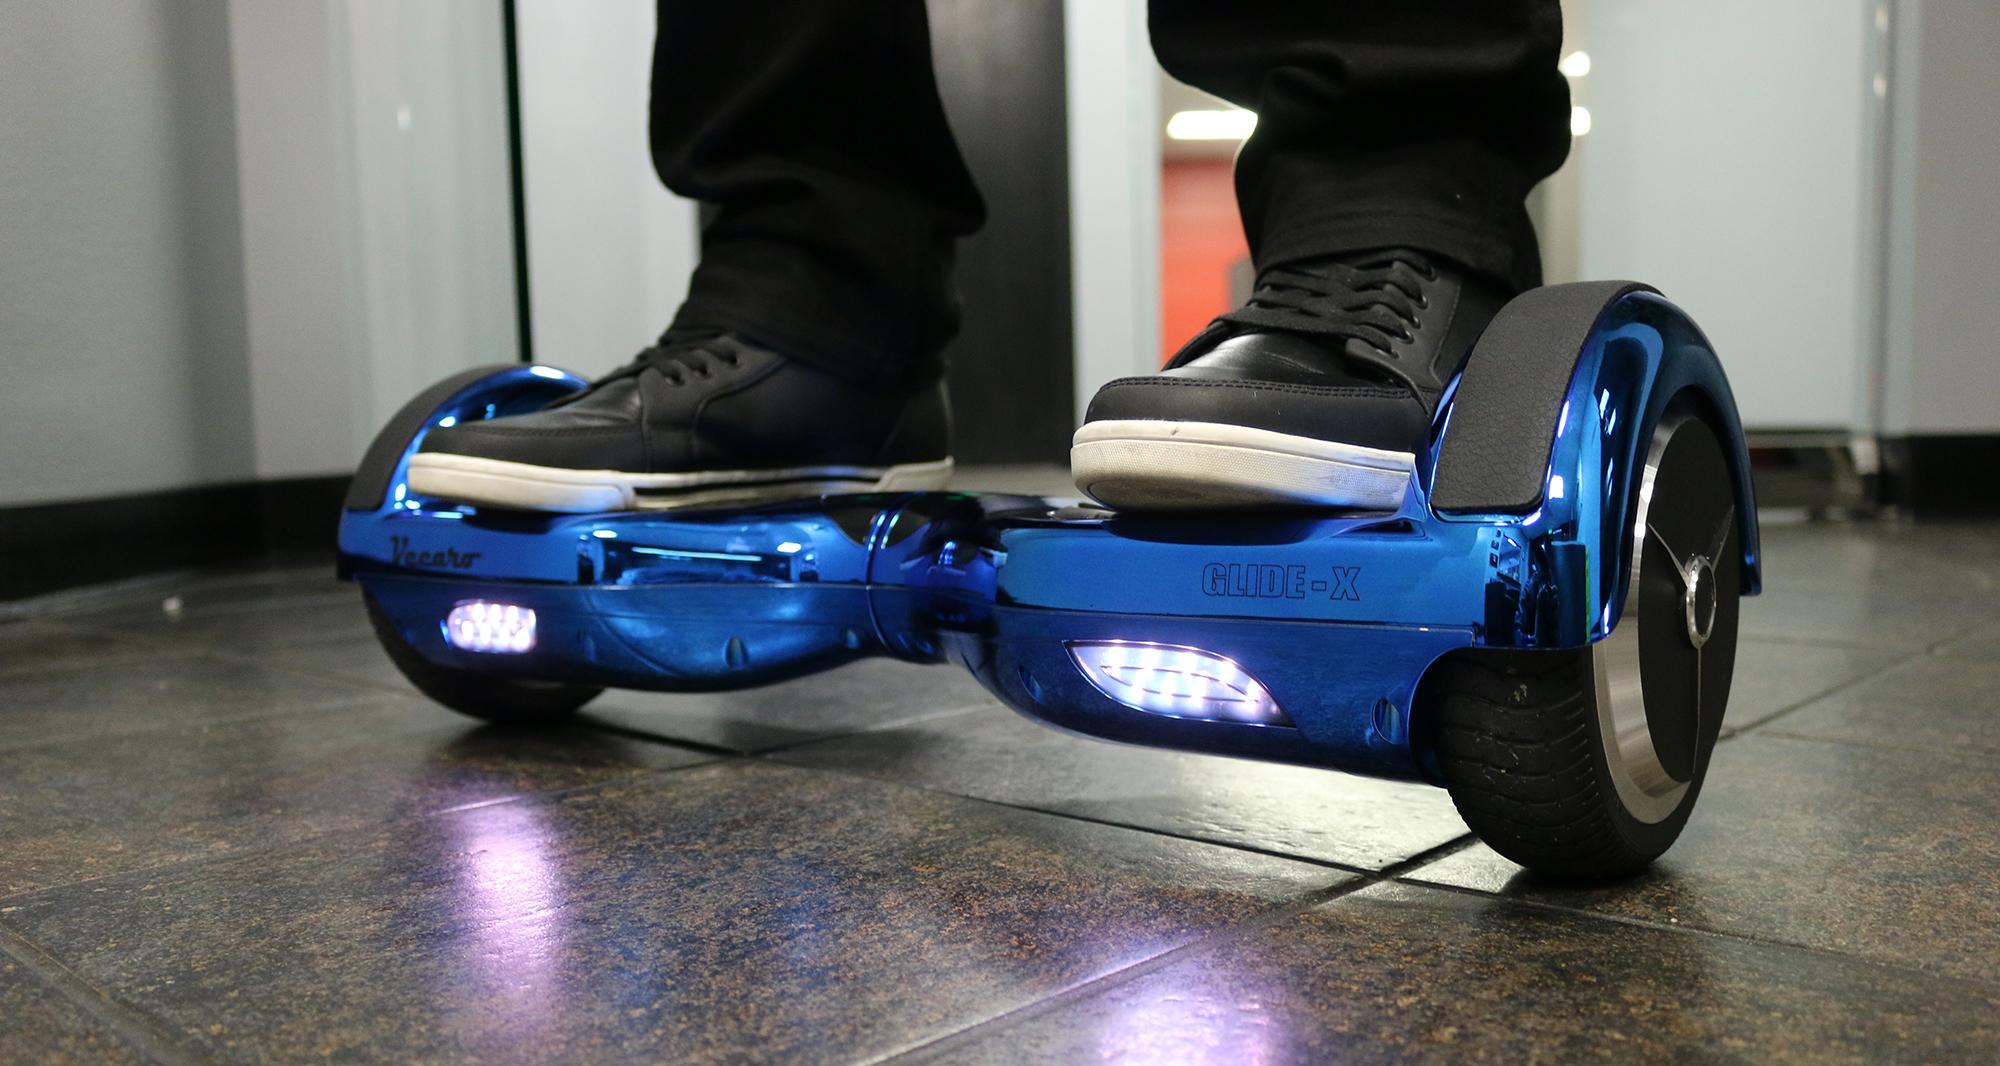 Riding Vecaro Glide-X hoverboard